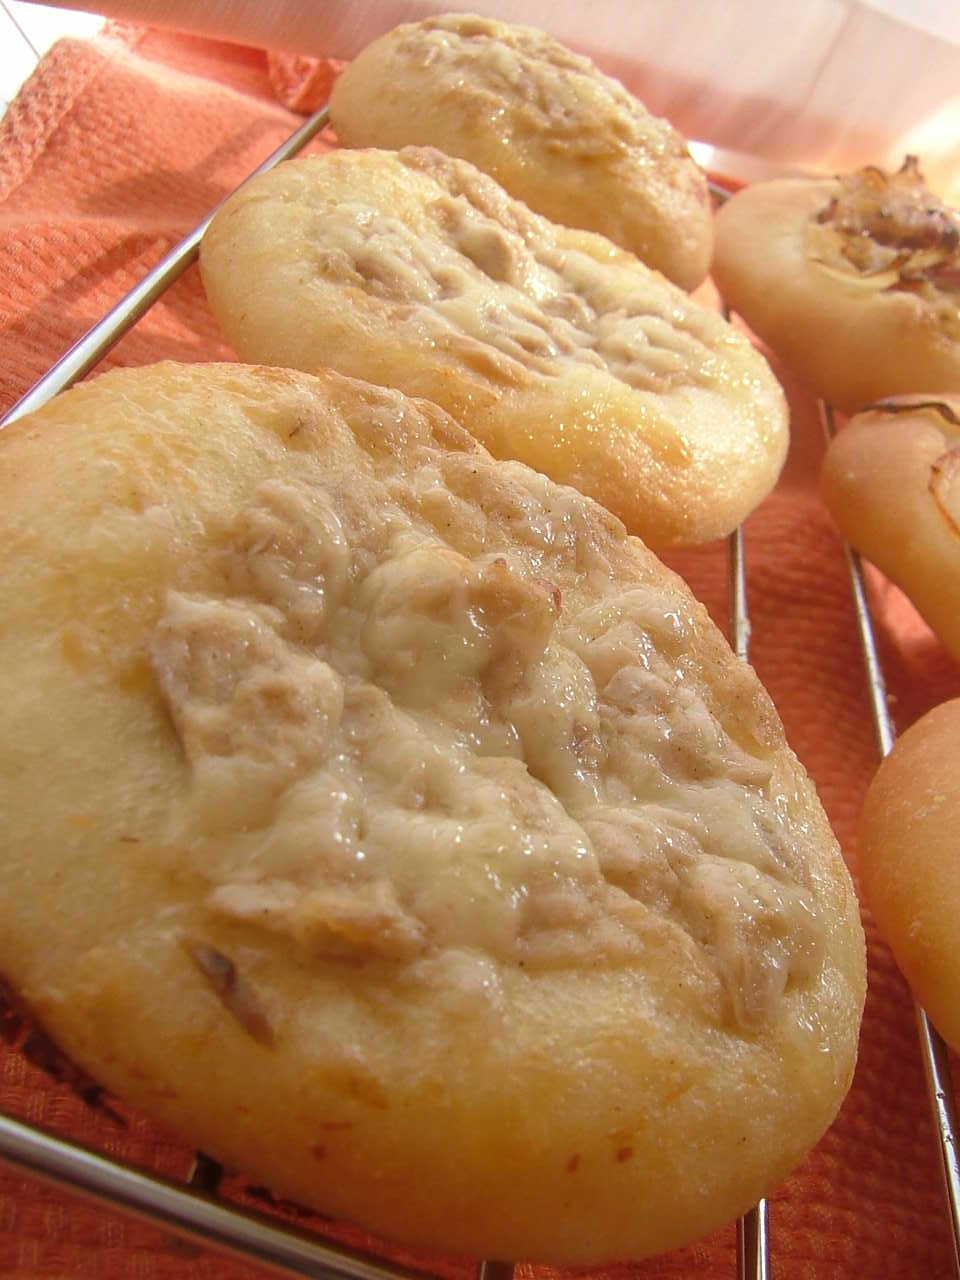 ツナマヨネーズパン